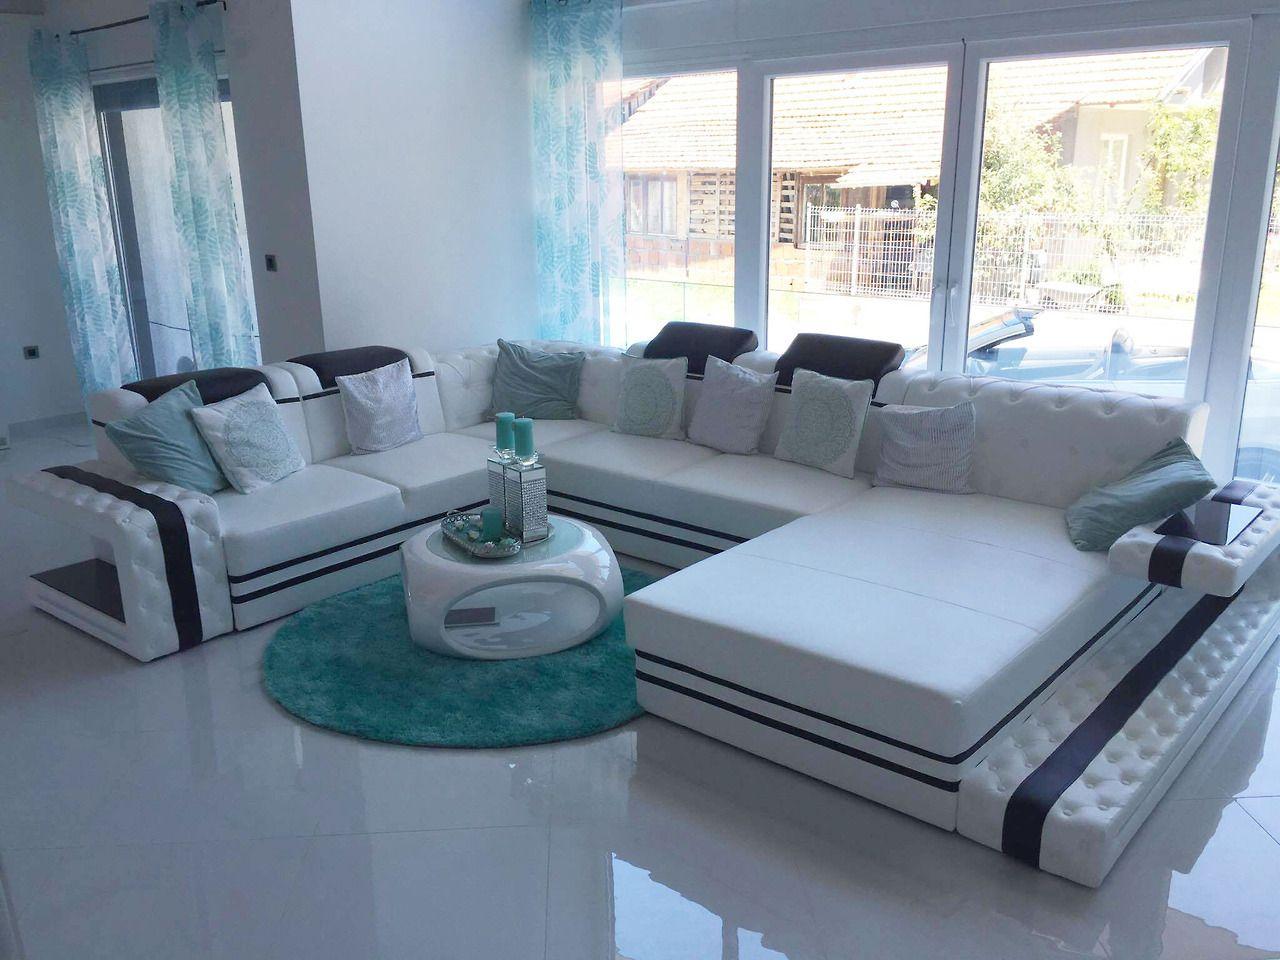 ledersofa imperial bei nativo m bel oesterreich designer sofa led beleuchtung und neue wohnung. Black Bedroom Furniture Sets. Home Design Ideas